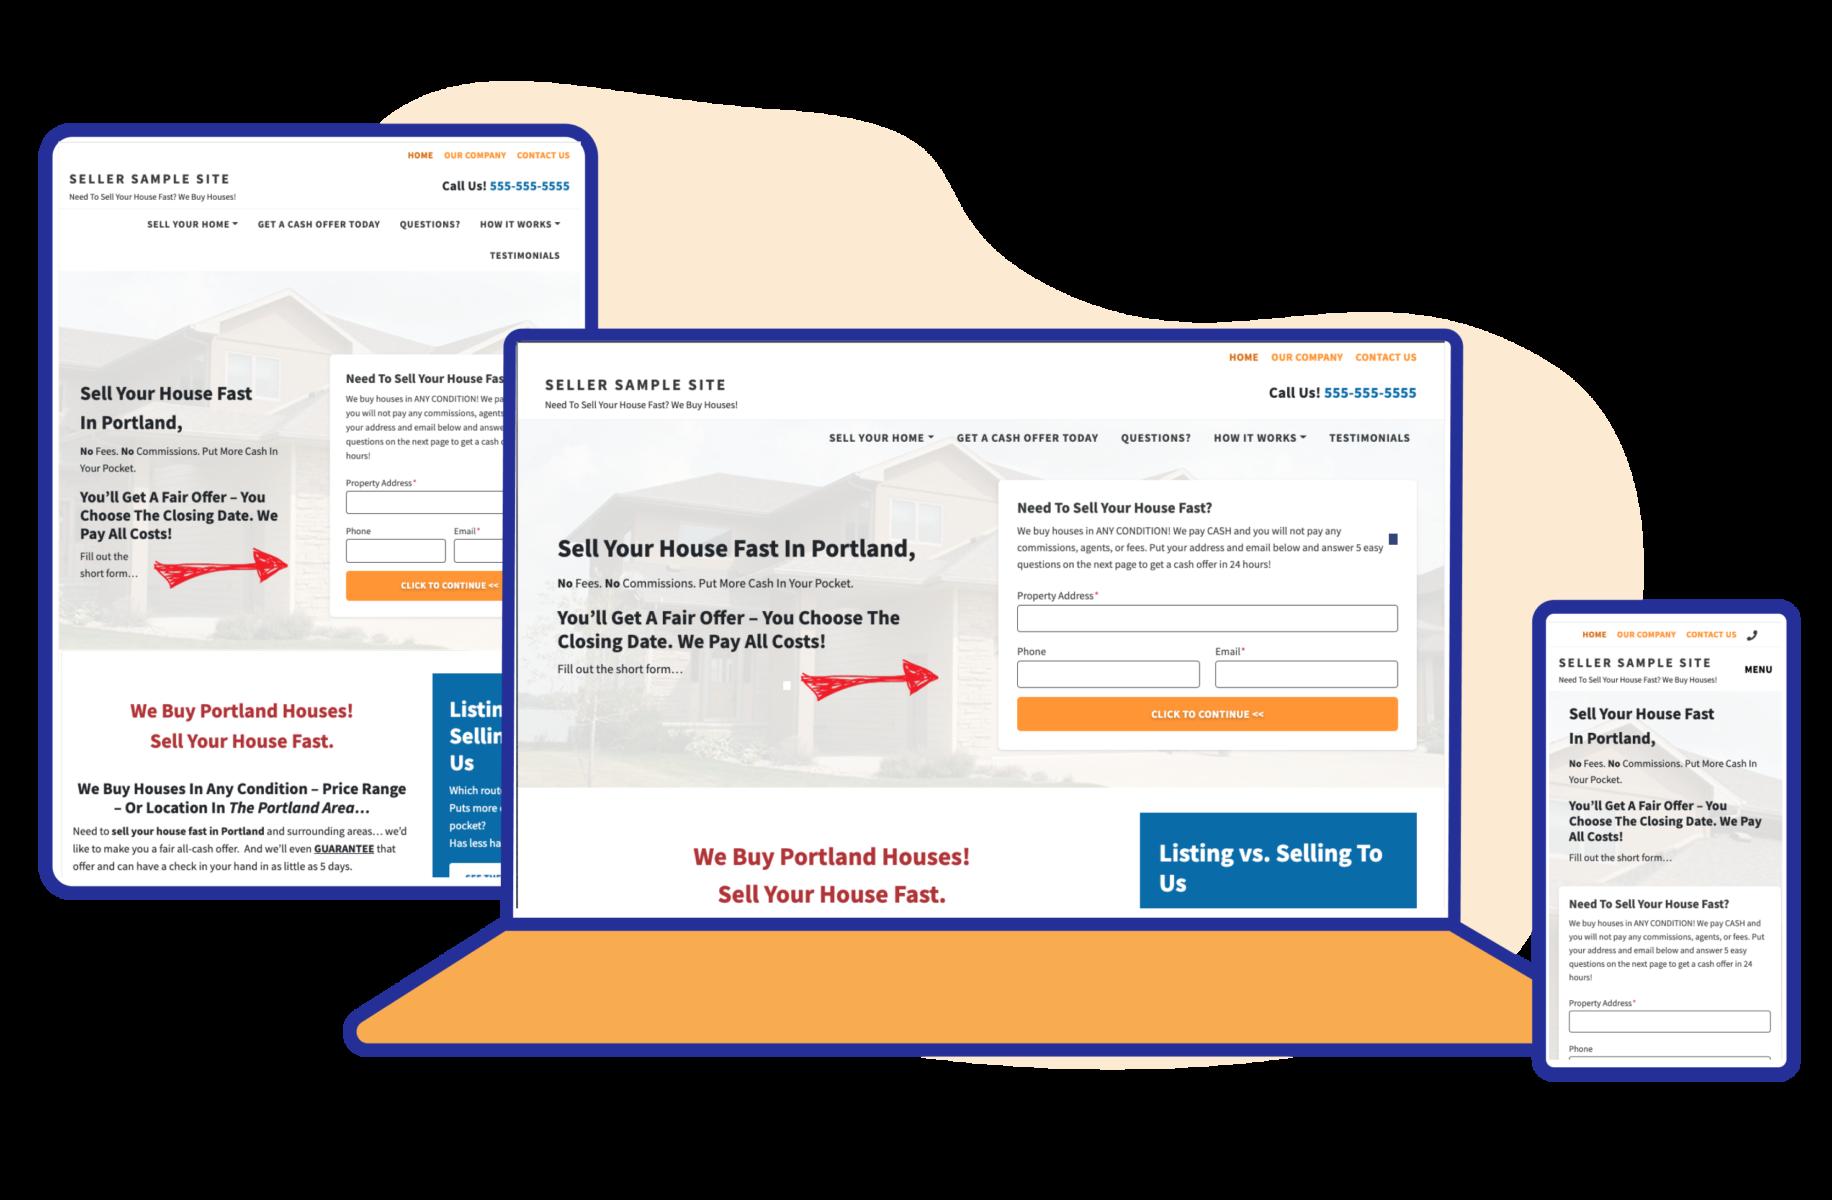 Carrot motivated seller websites